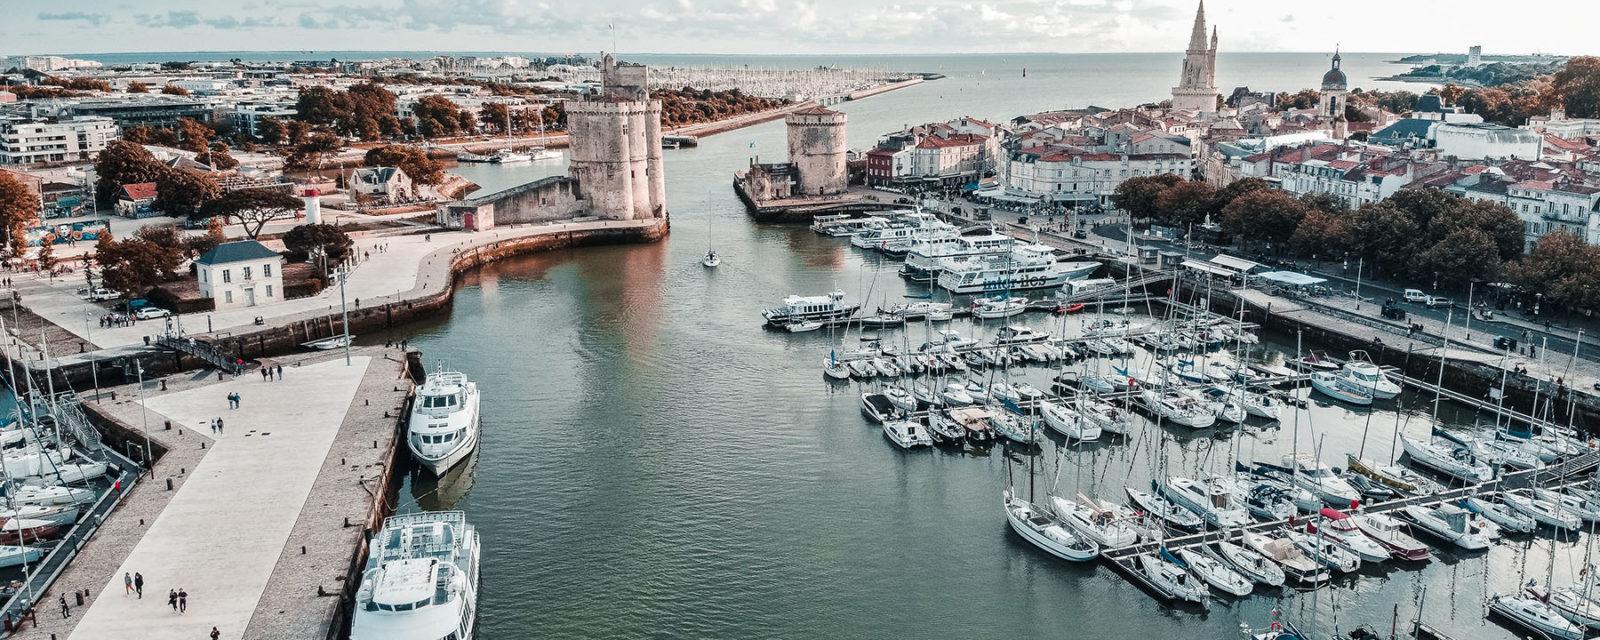 La conférence SAGEO (Spatial Analysis and GEOmatics) à La Rochelle en 2021